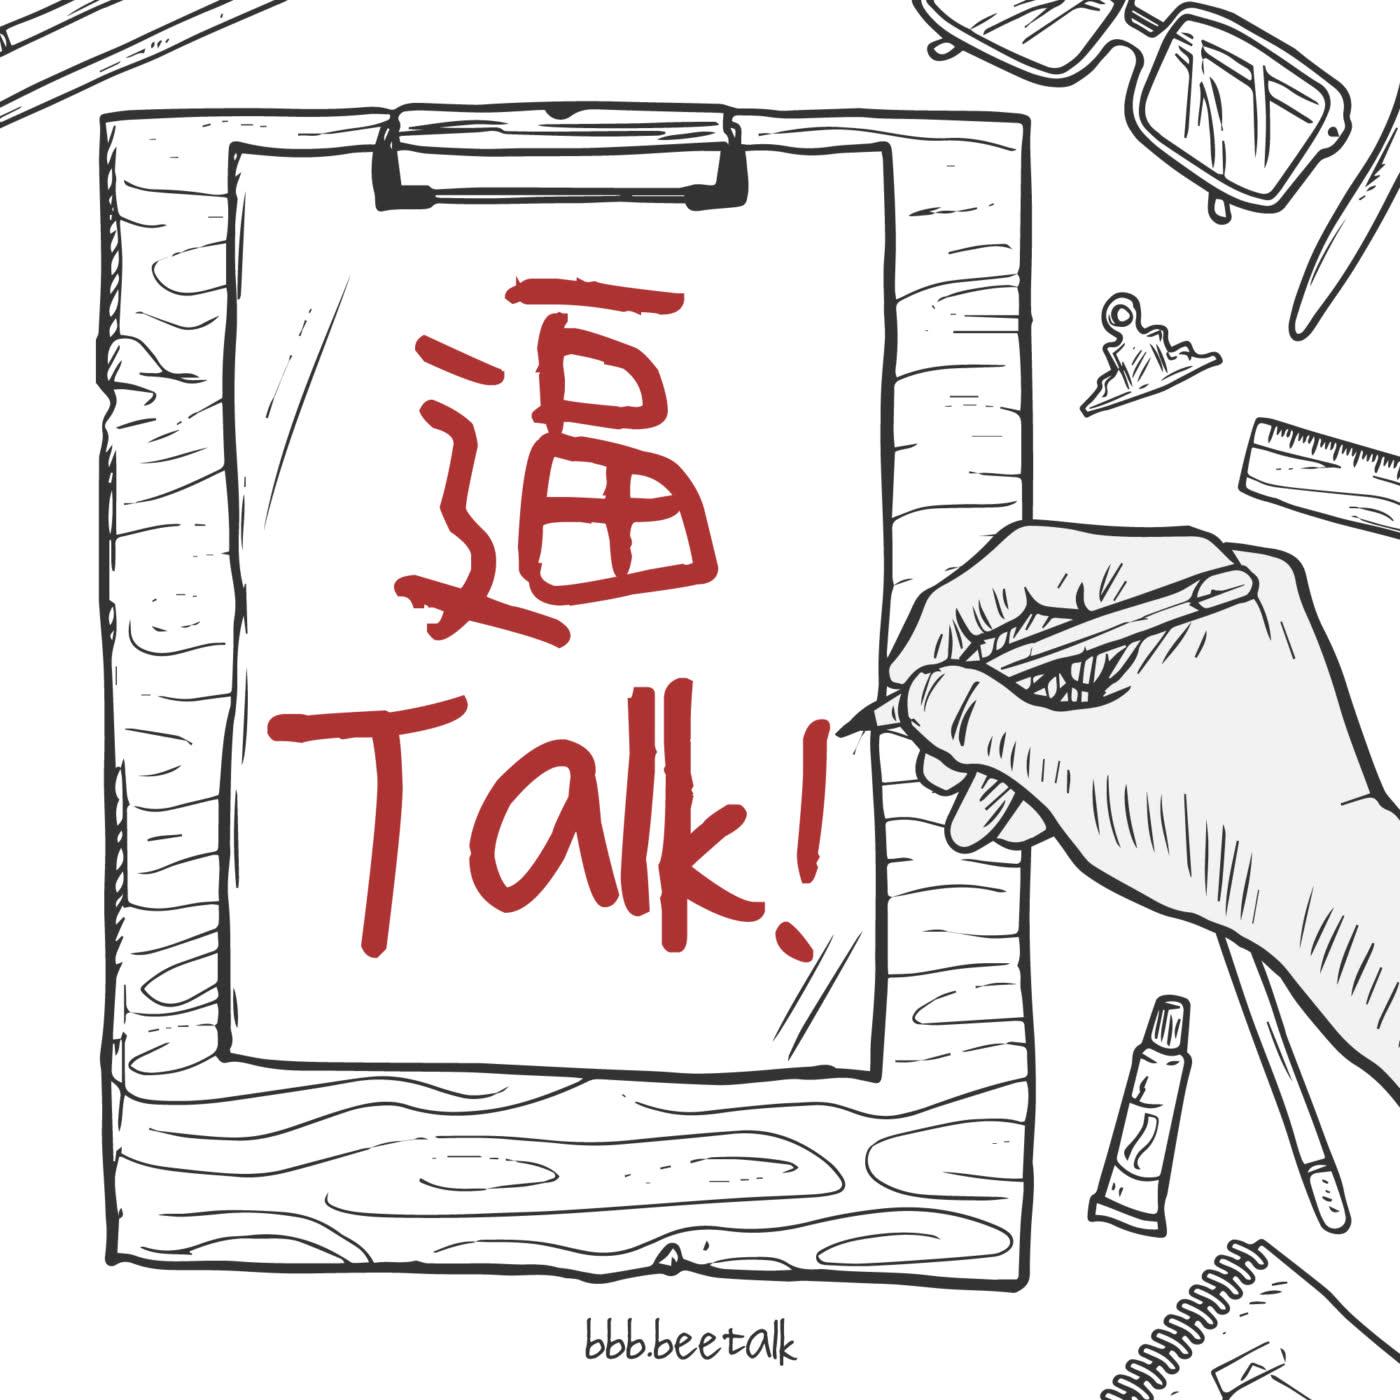 逼Talk!